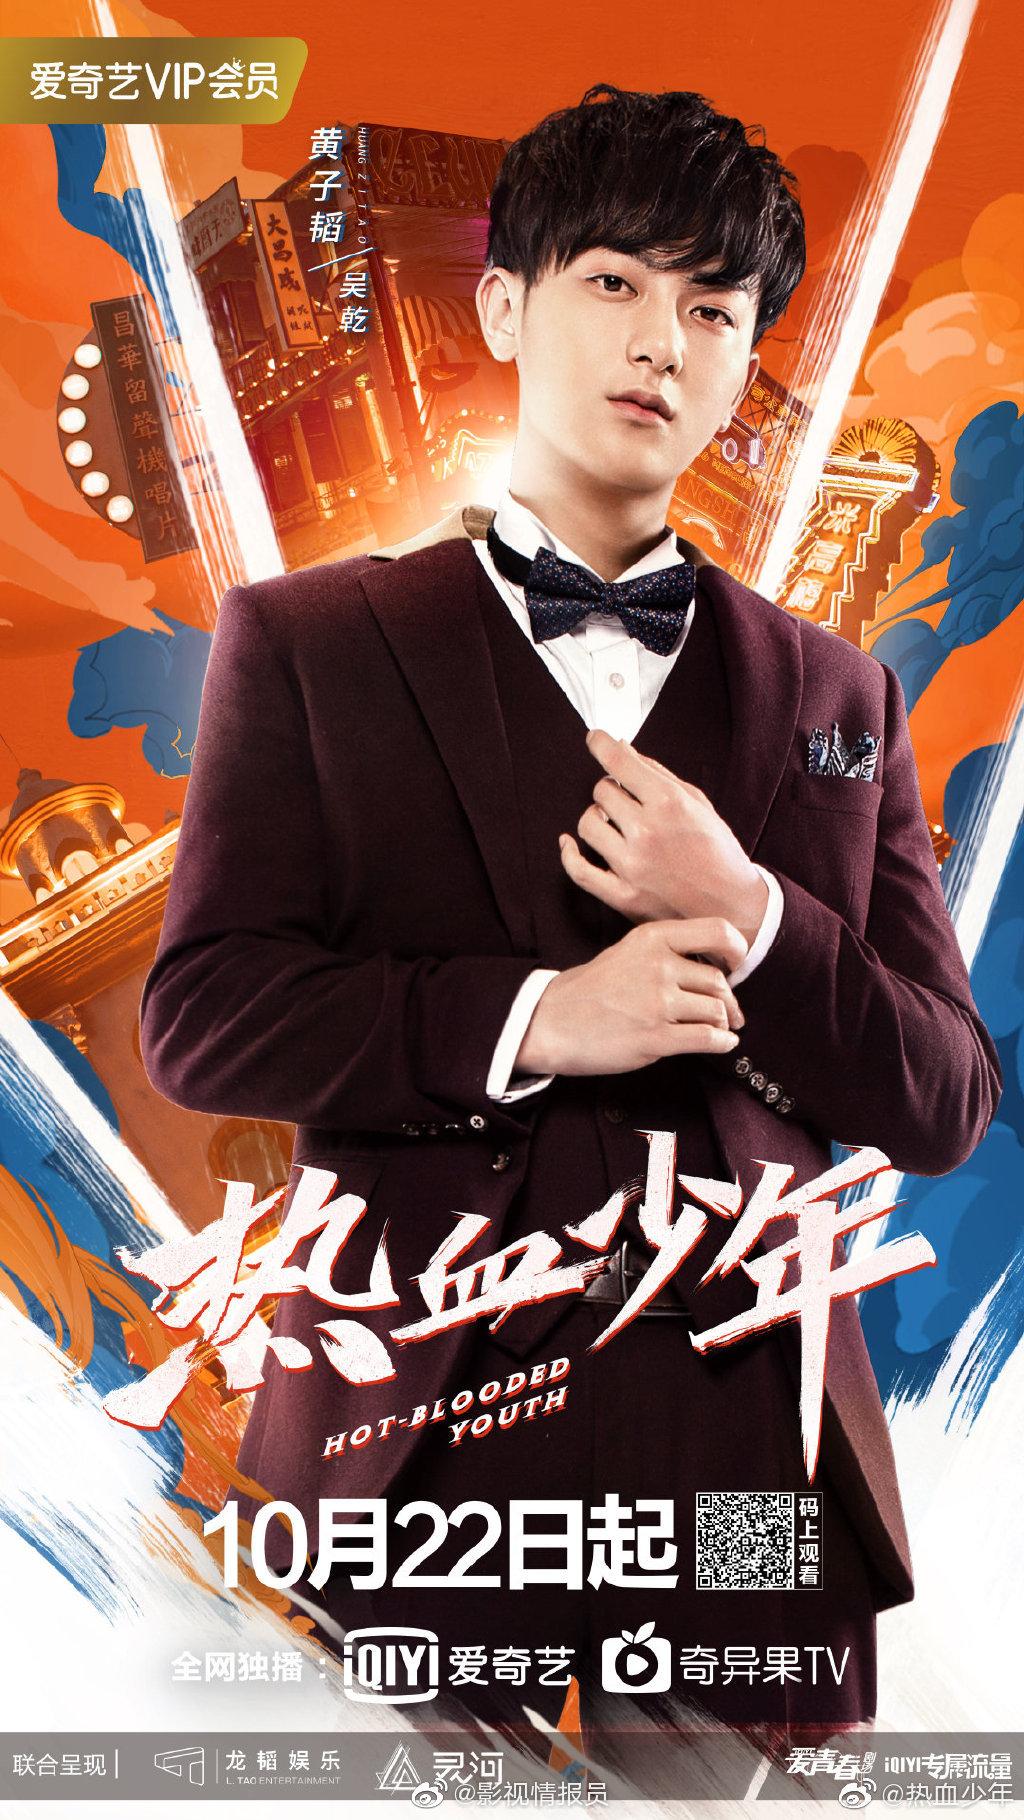 定档10月22日爱奇艺!该剧由黄子韬,张雪迎,刘宇宁,曹曦月等主演